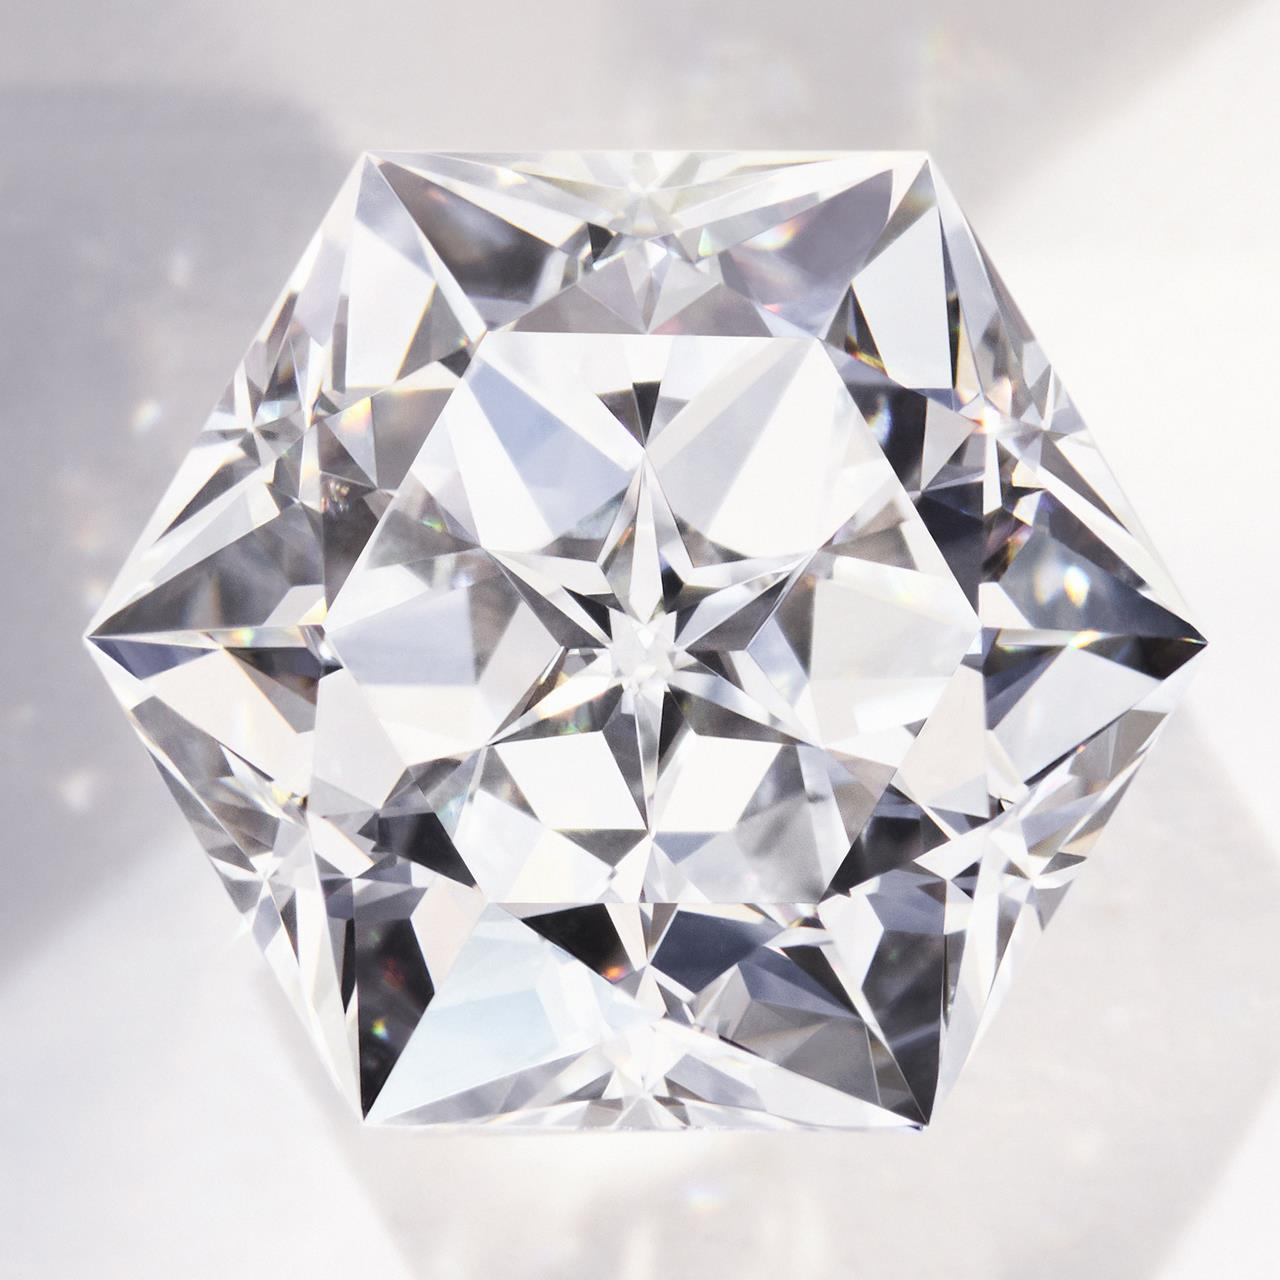 「ビー マイ ラブ」ダイヤモンドコレクション